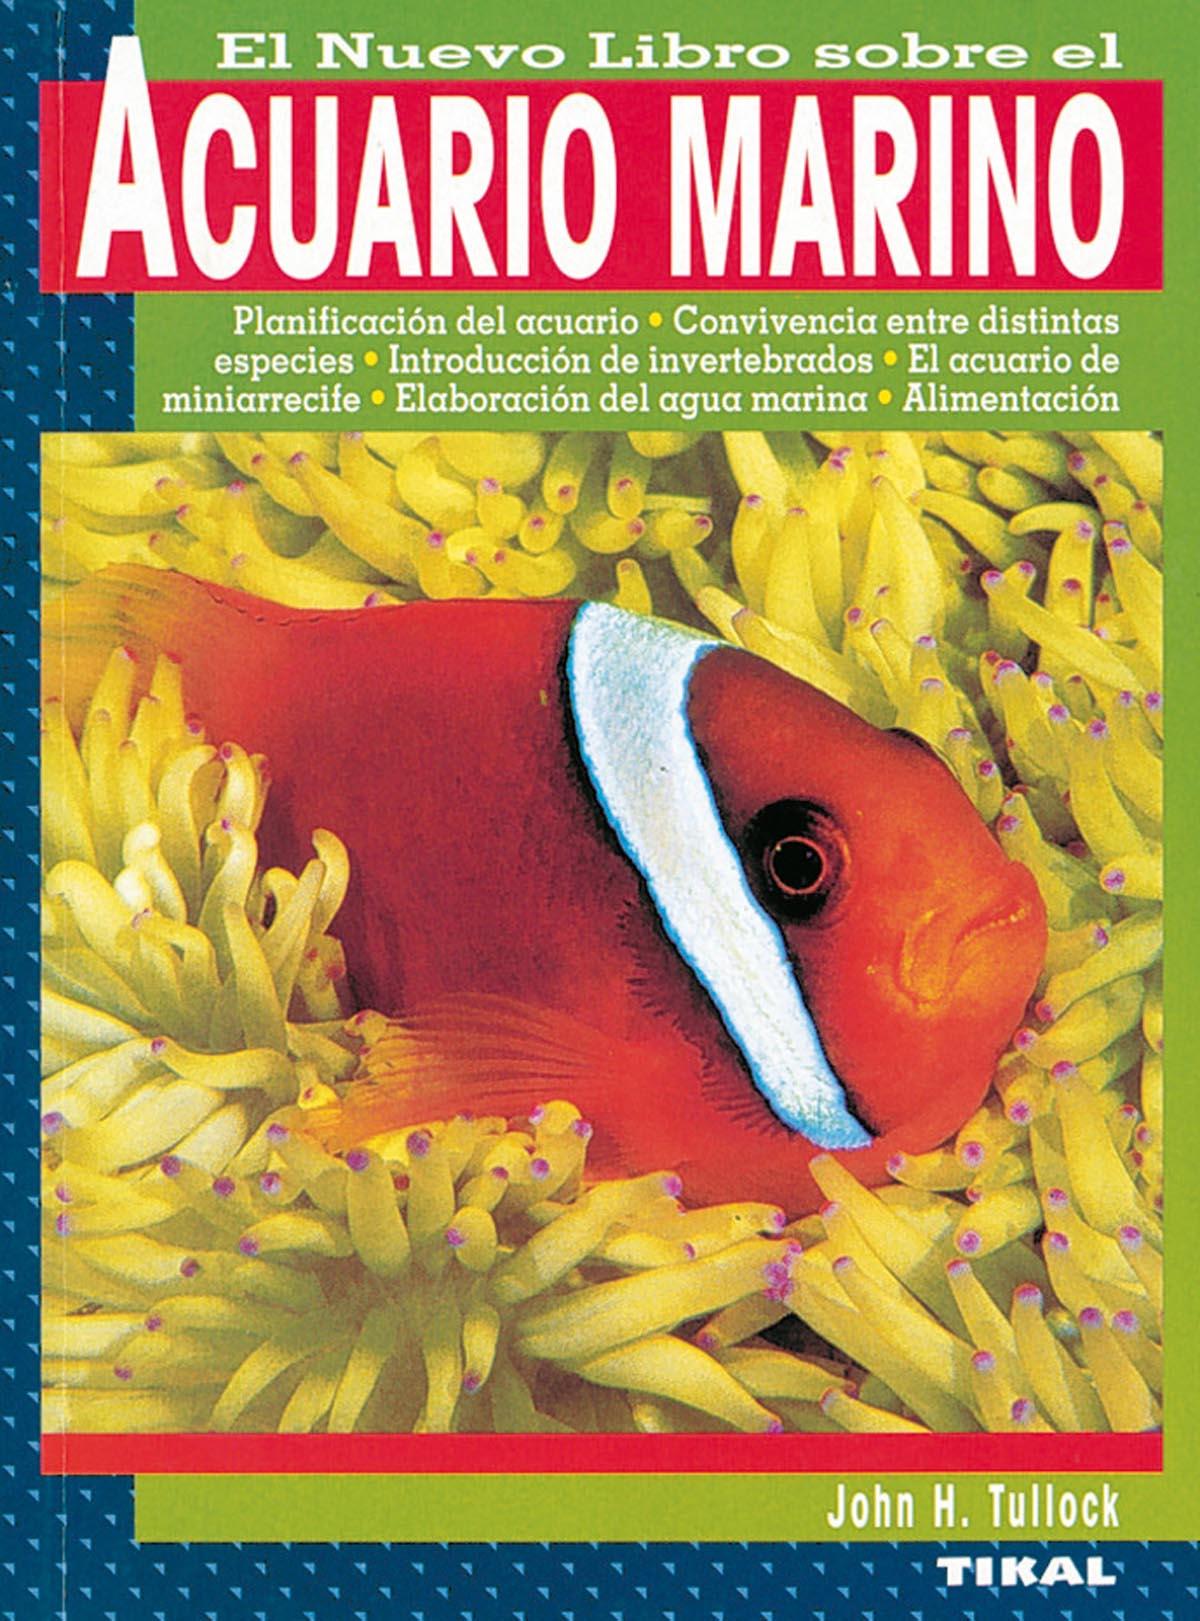 el nuevo libro sobre el acuario marino-john h. tullock-9788430598625